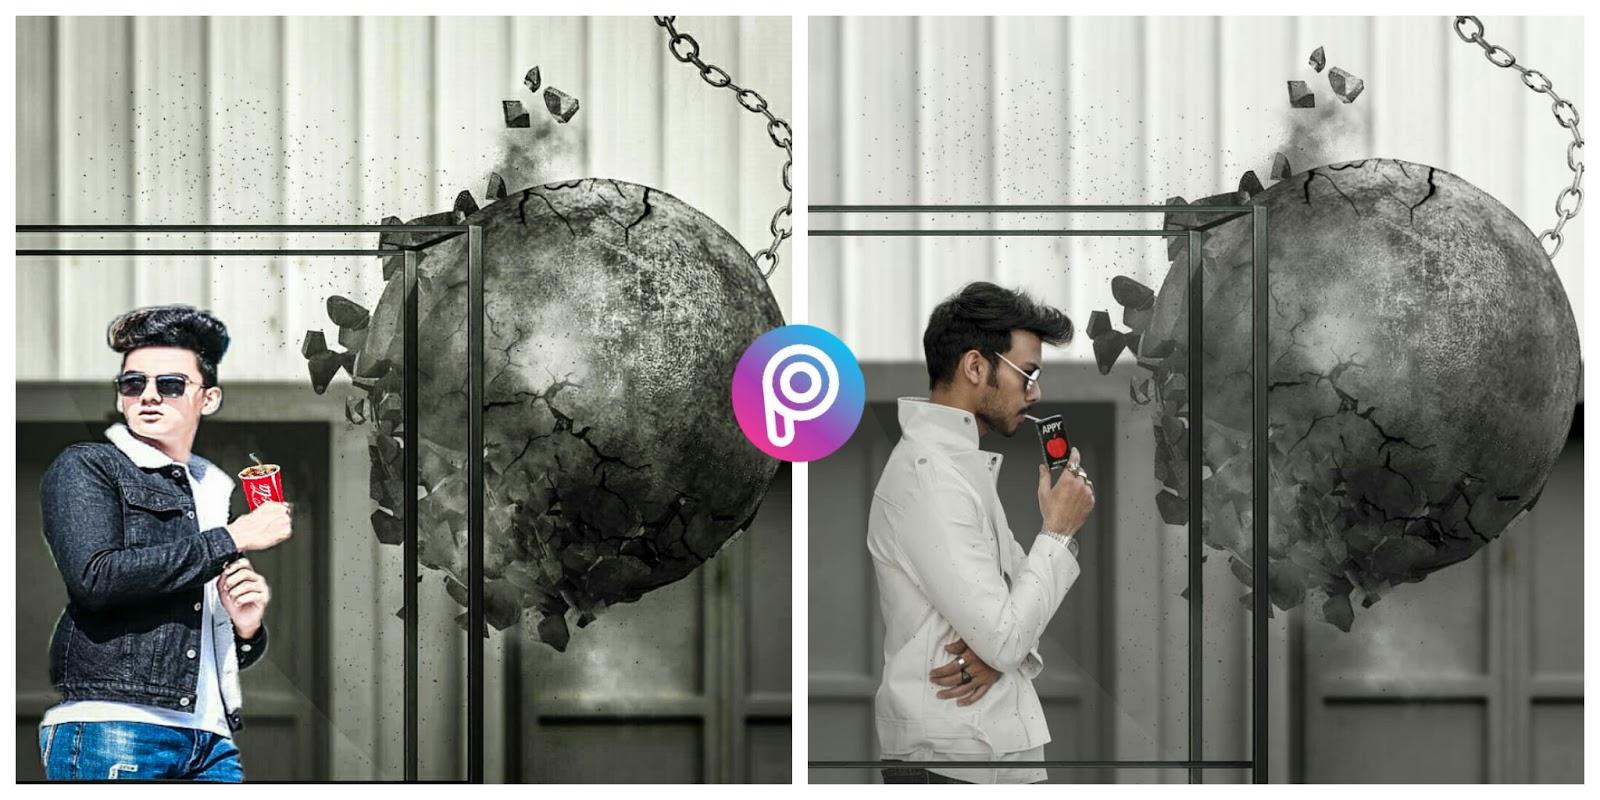 Vijay Mahar Neon Mask Picsart Edit - BerkshireRegion